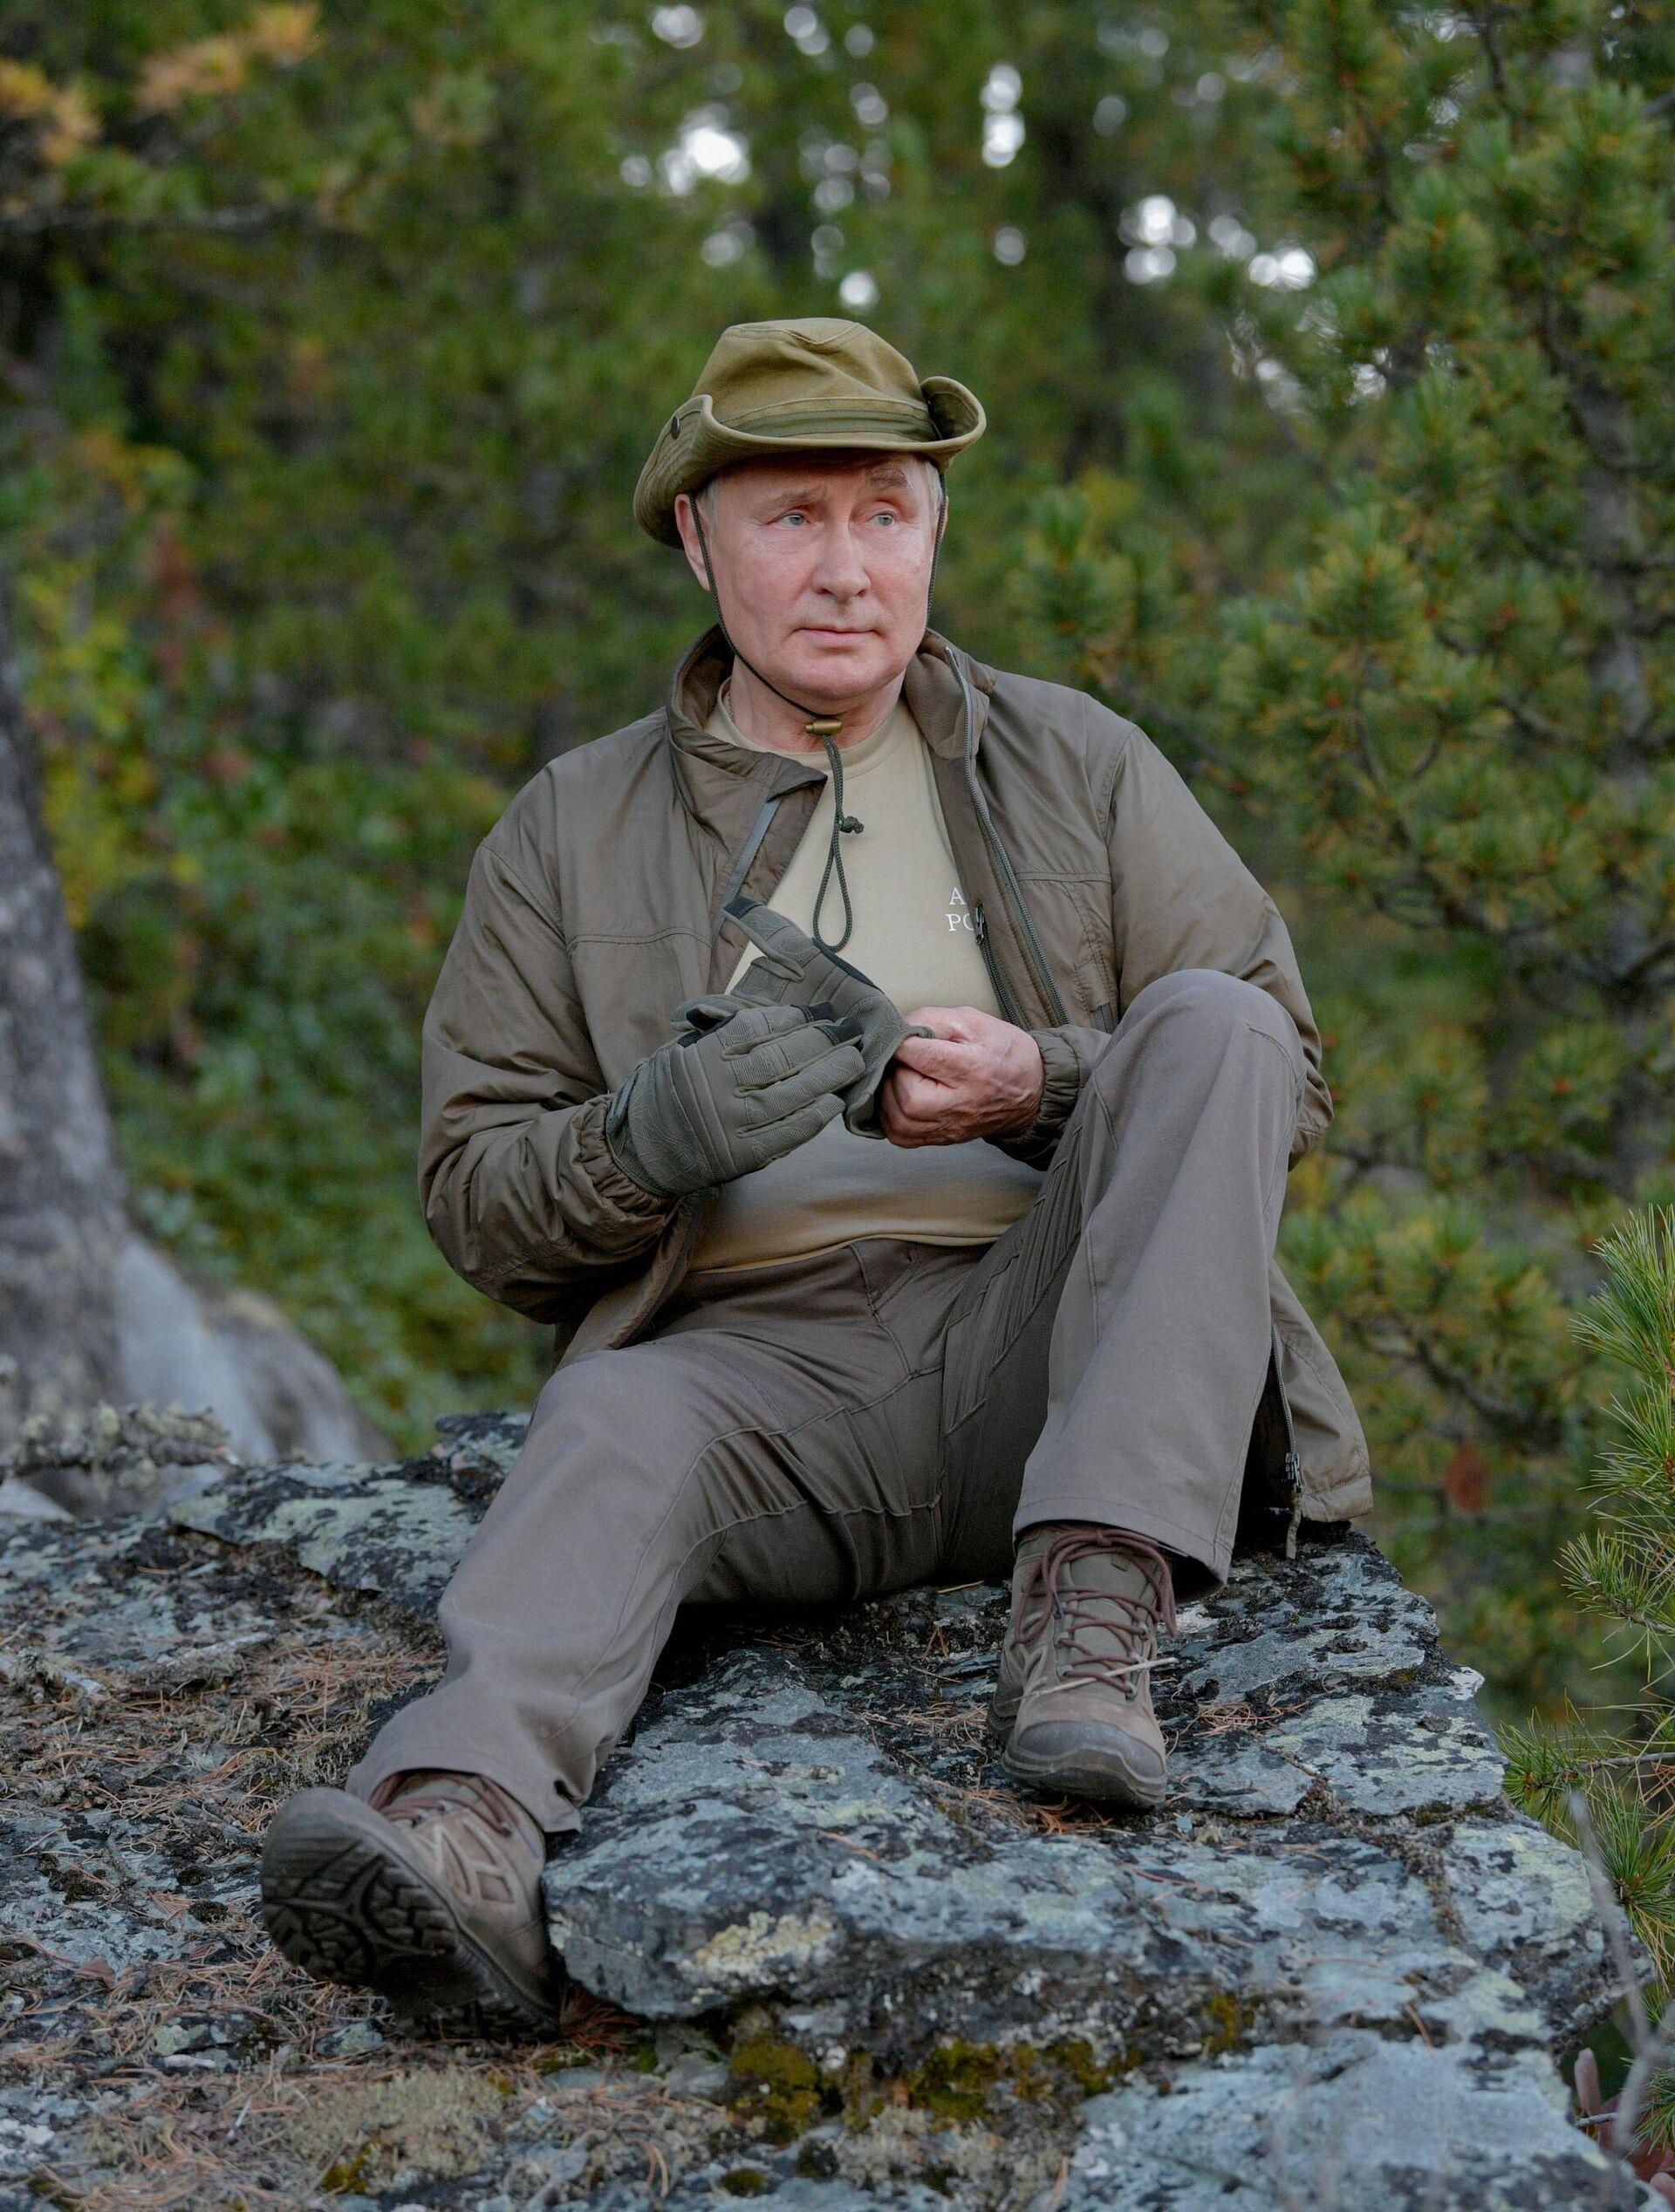 Predsednik Rusije Vladimir Putin na odmoru u Sibiru - Sputnik Srbija, 1920, 26.09.2021